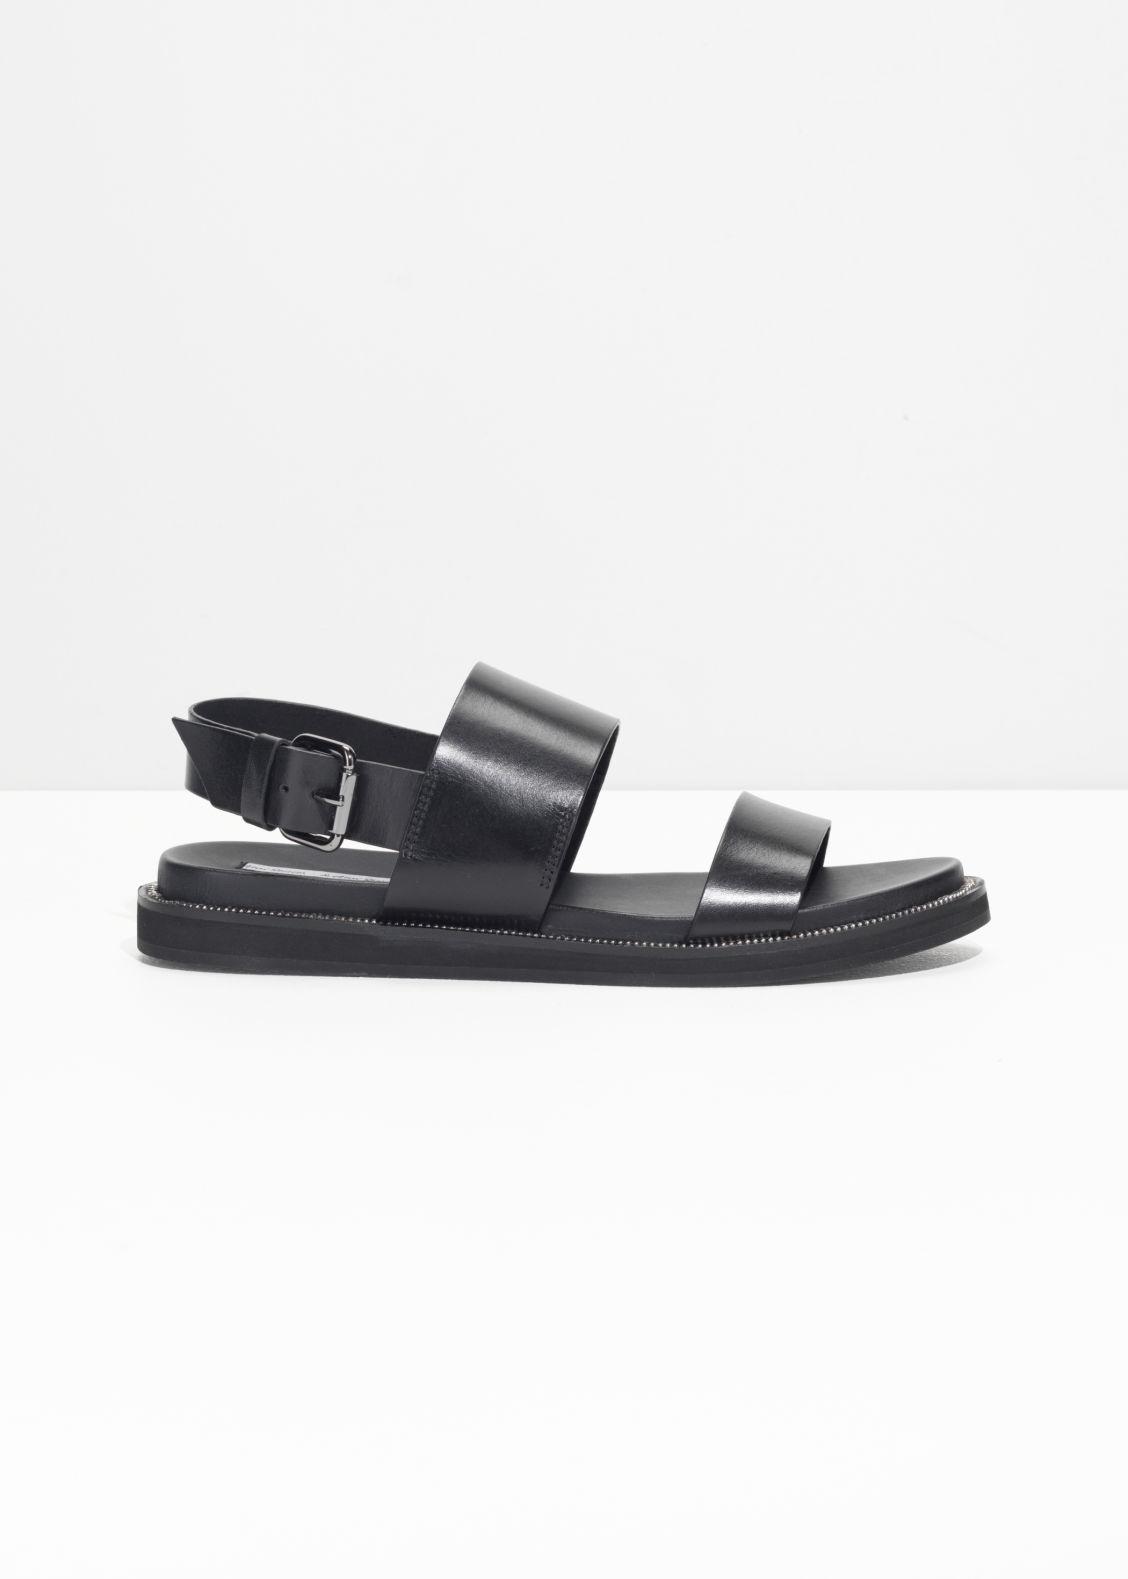 & OTHER STORIES Raw Edge Leather sandal - Black Mejor venta al por mayor barata en línea Venta enorme sorpresa Liquidación Precio increíble Mejor Pago barato con Paypal S6tkJXMuu